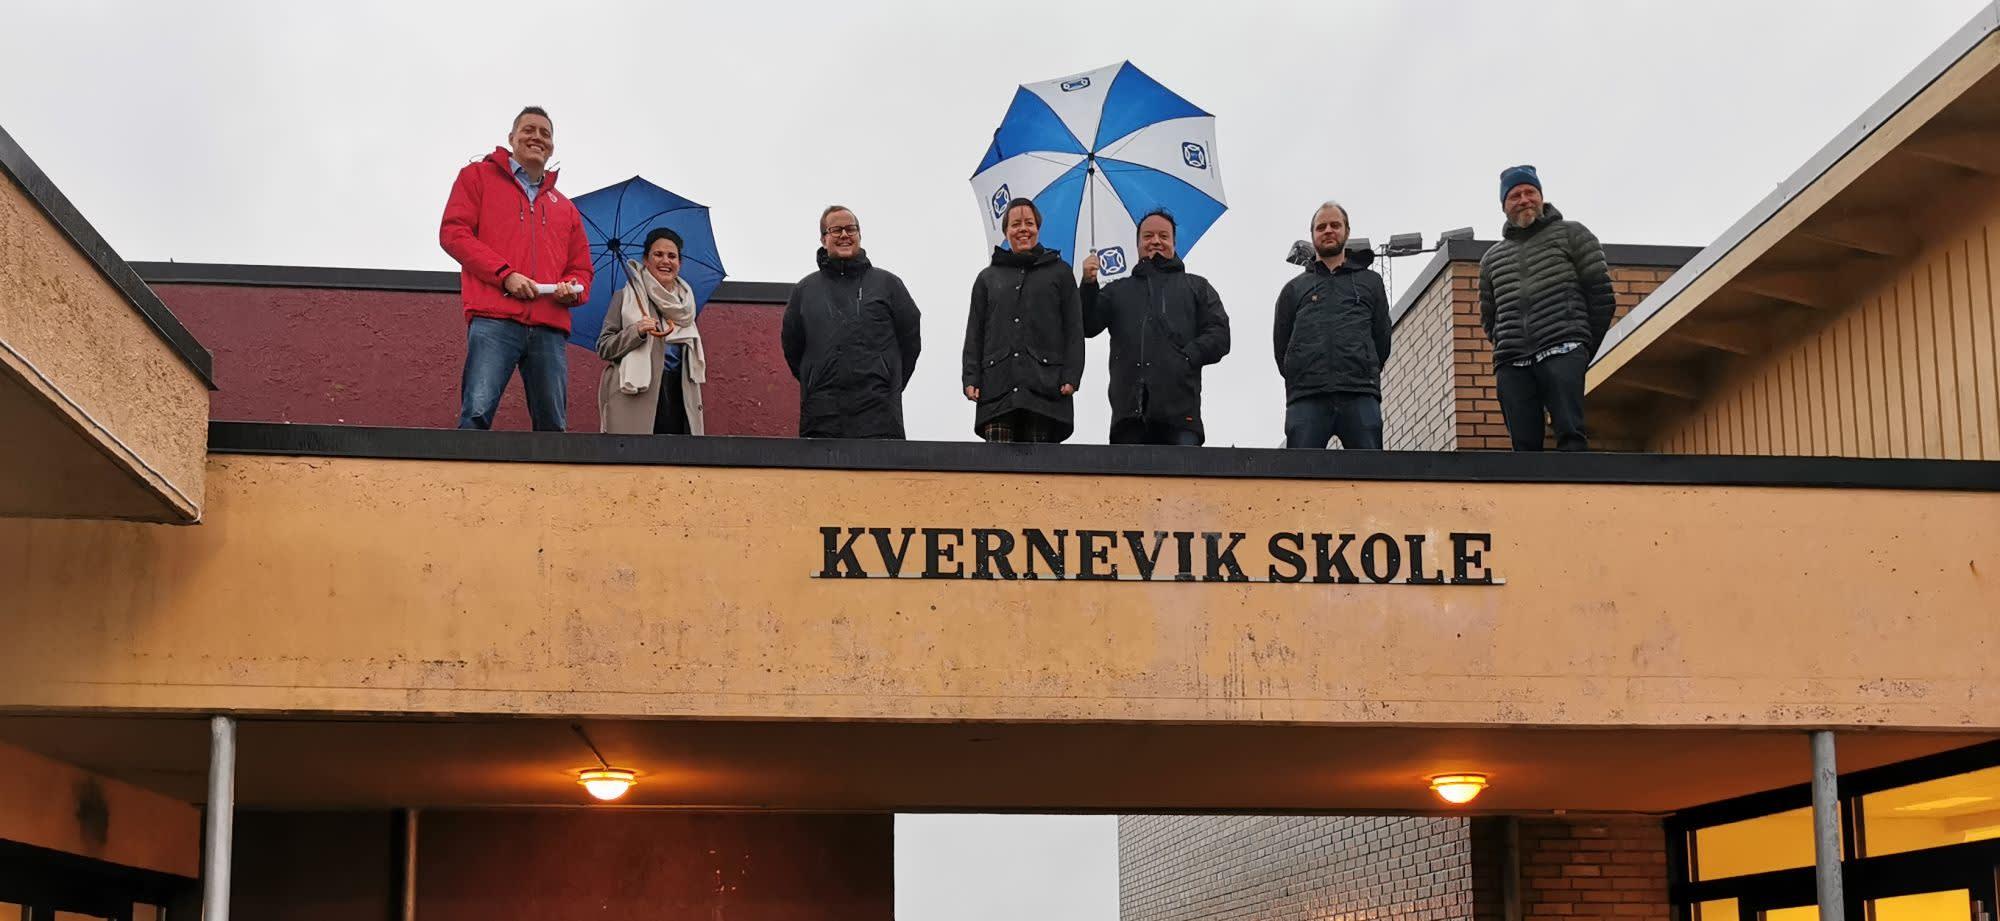 Et stort løft, ikke bare for Kvernevik skole, men hele aktivitetsområdet i Kvernevik er blant våre største prioriteringer.